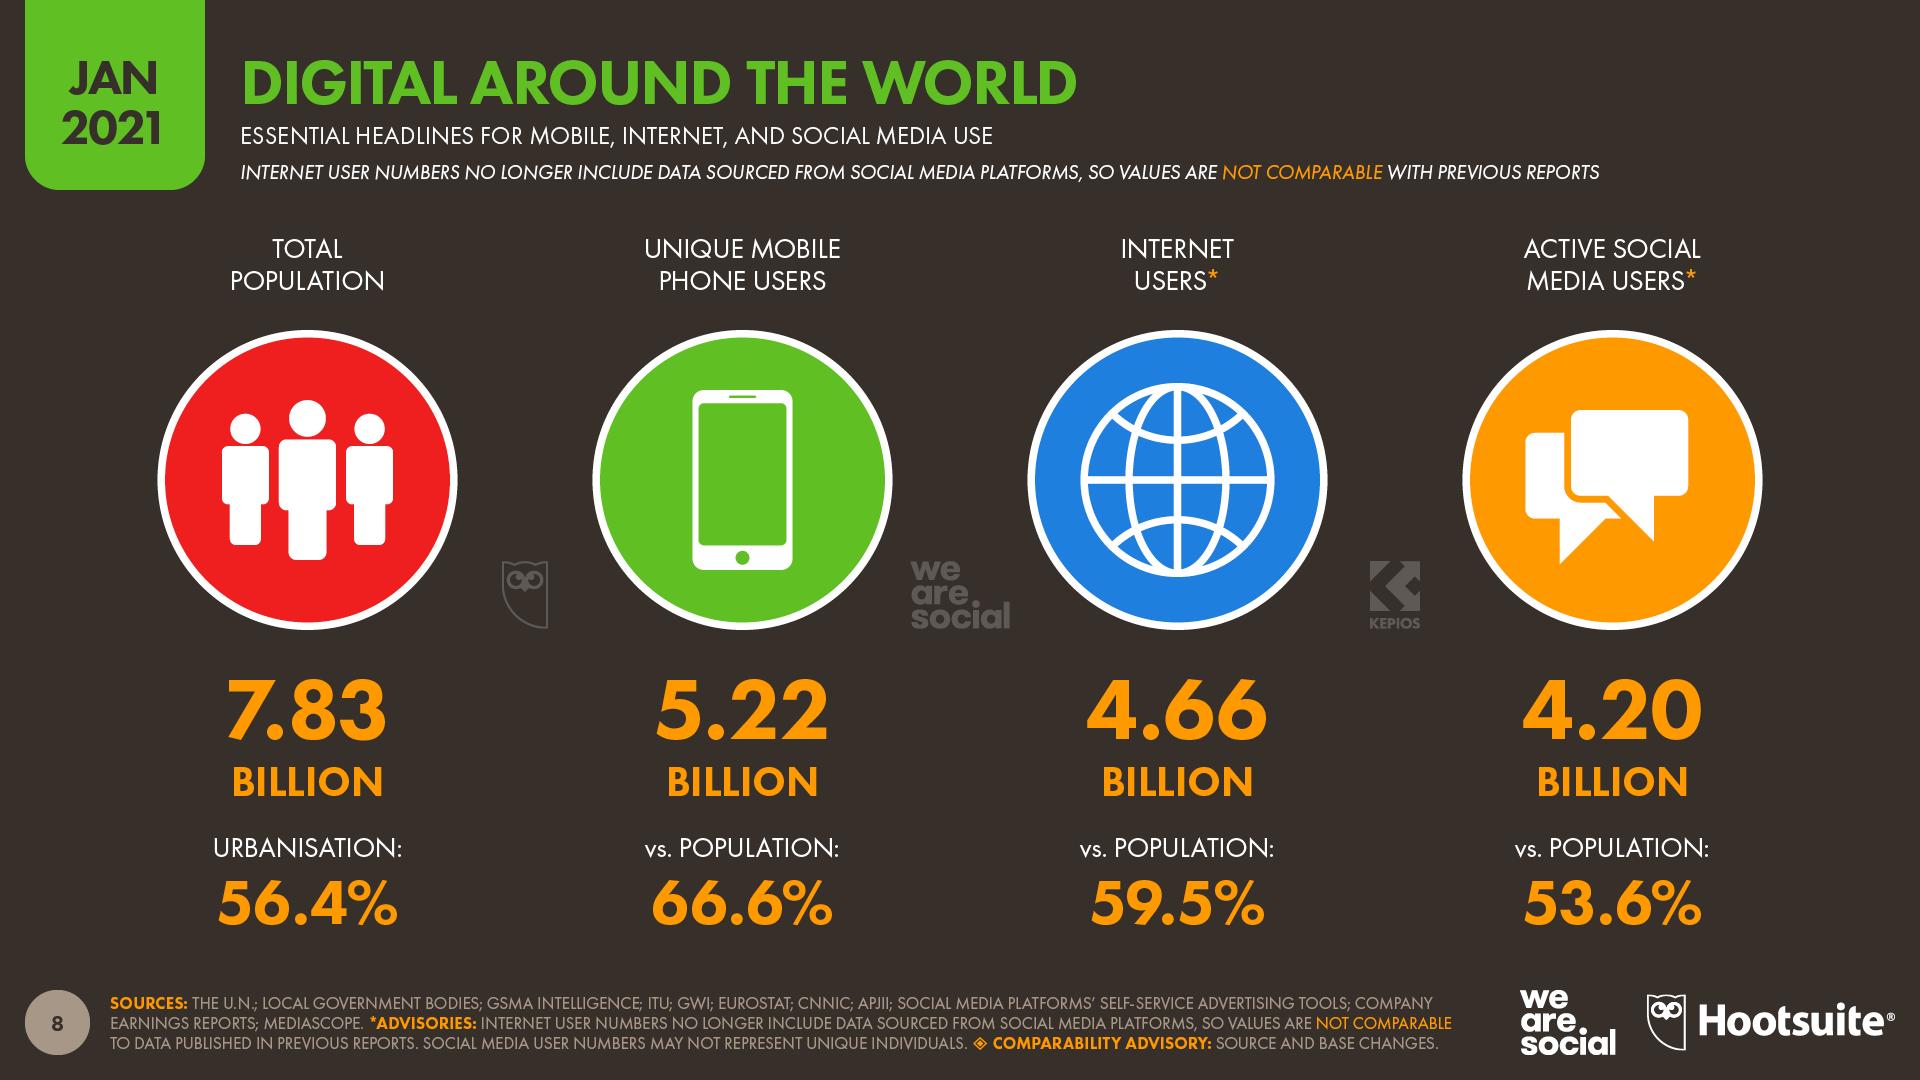 Global headlines were-social-digital-2021